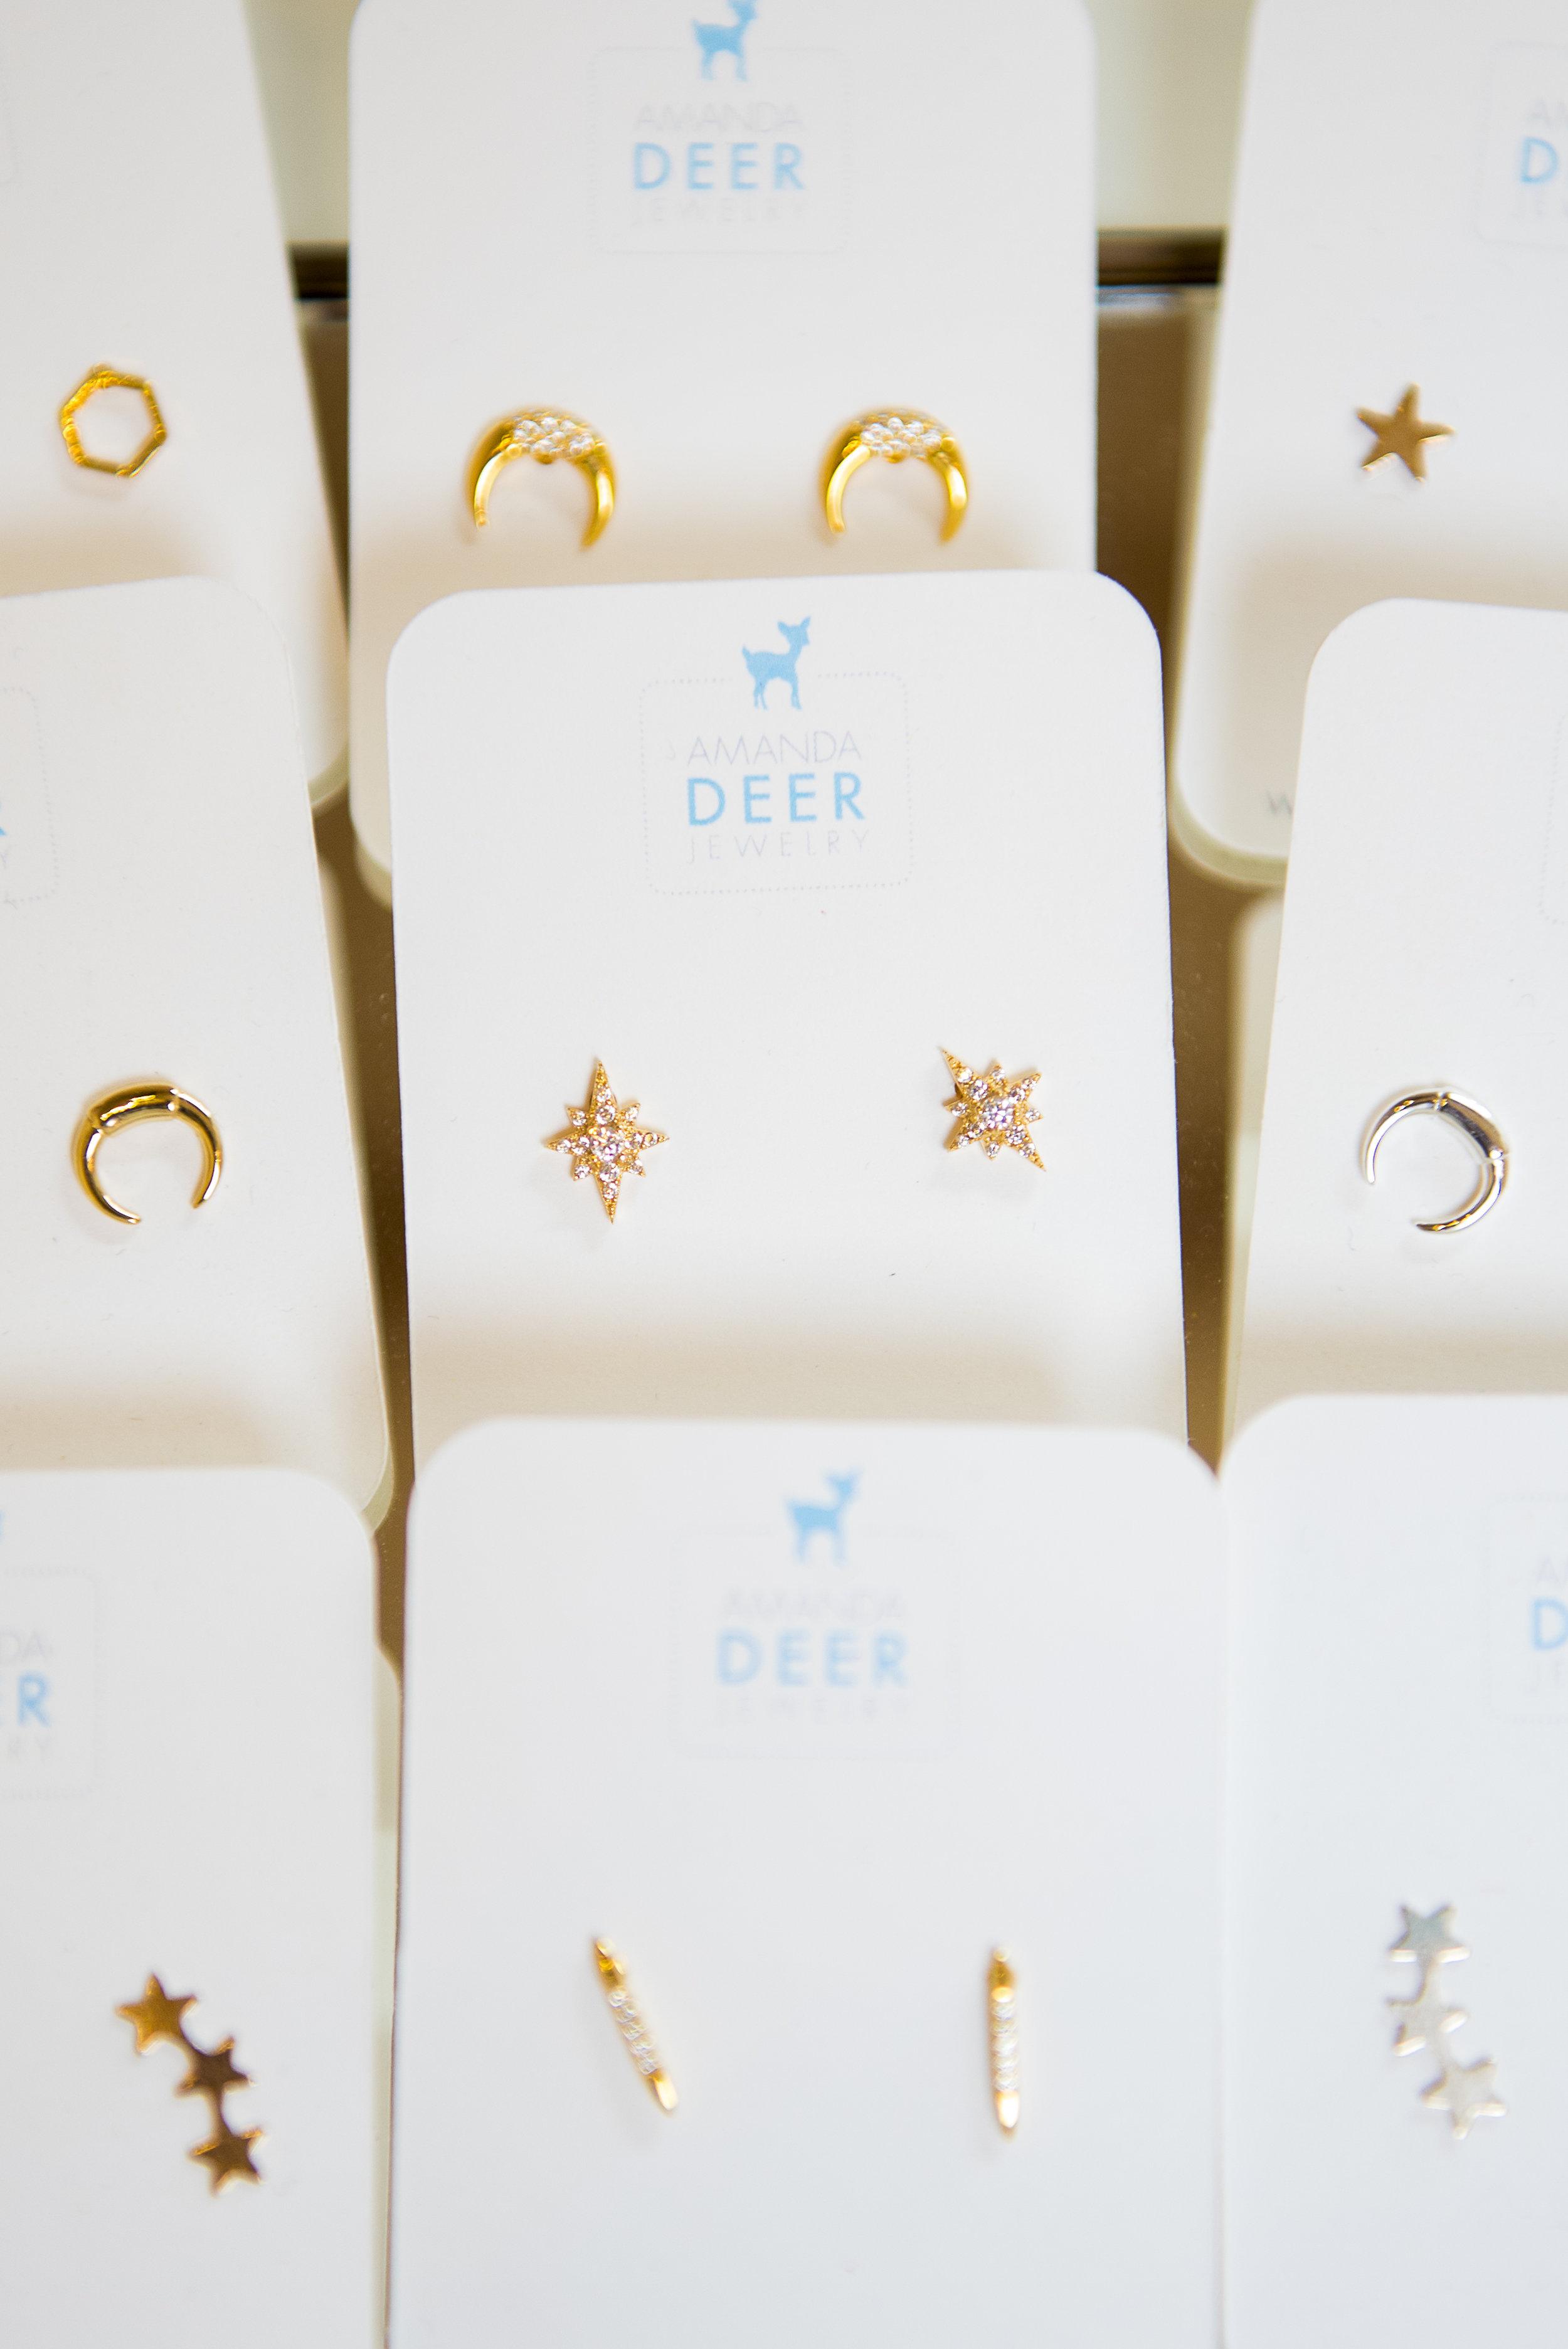 Delicate Amanda Deer earrings